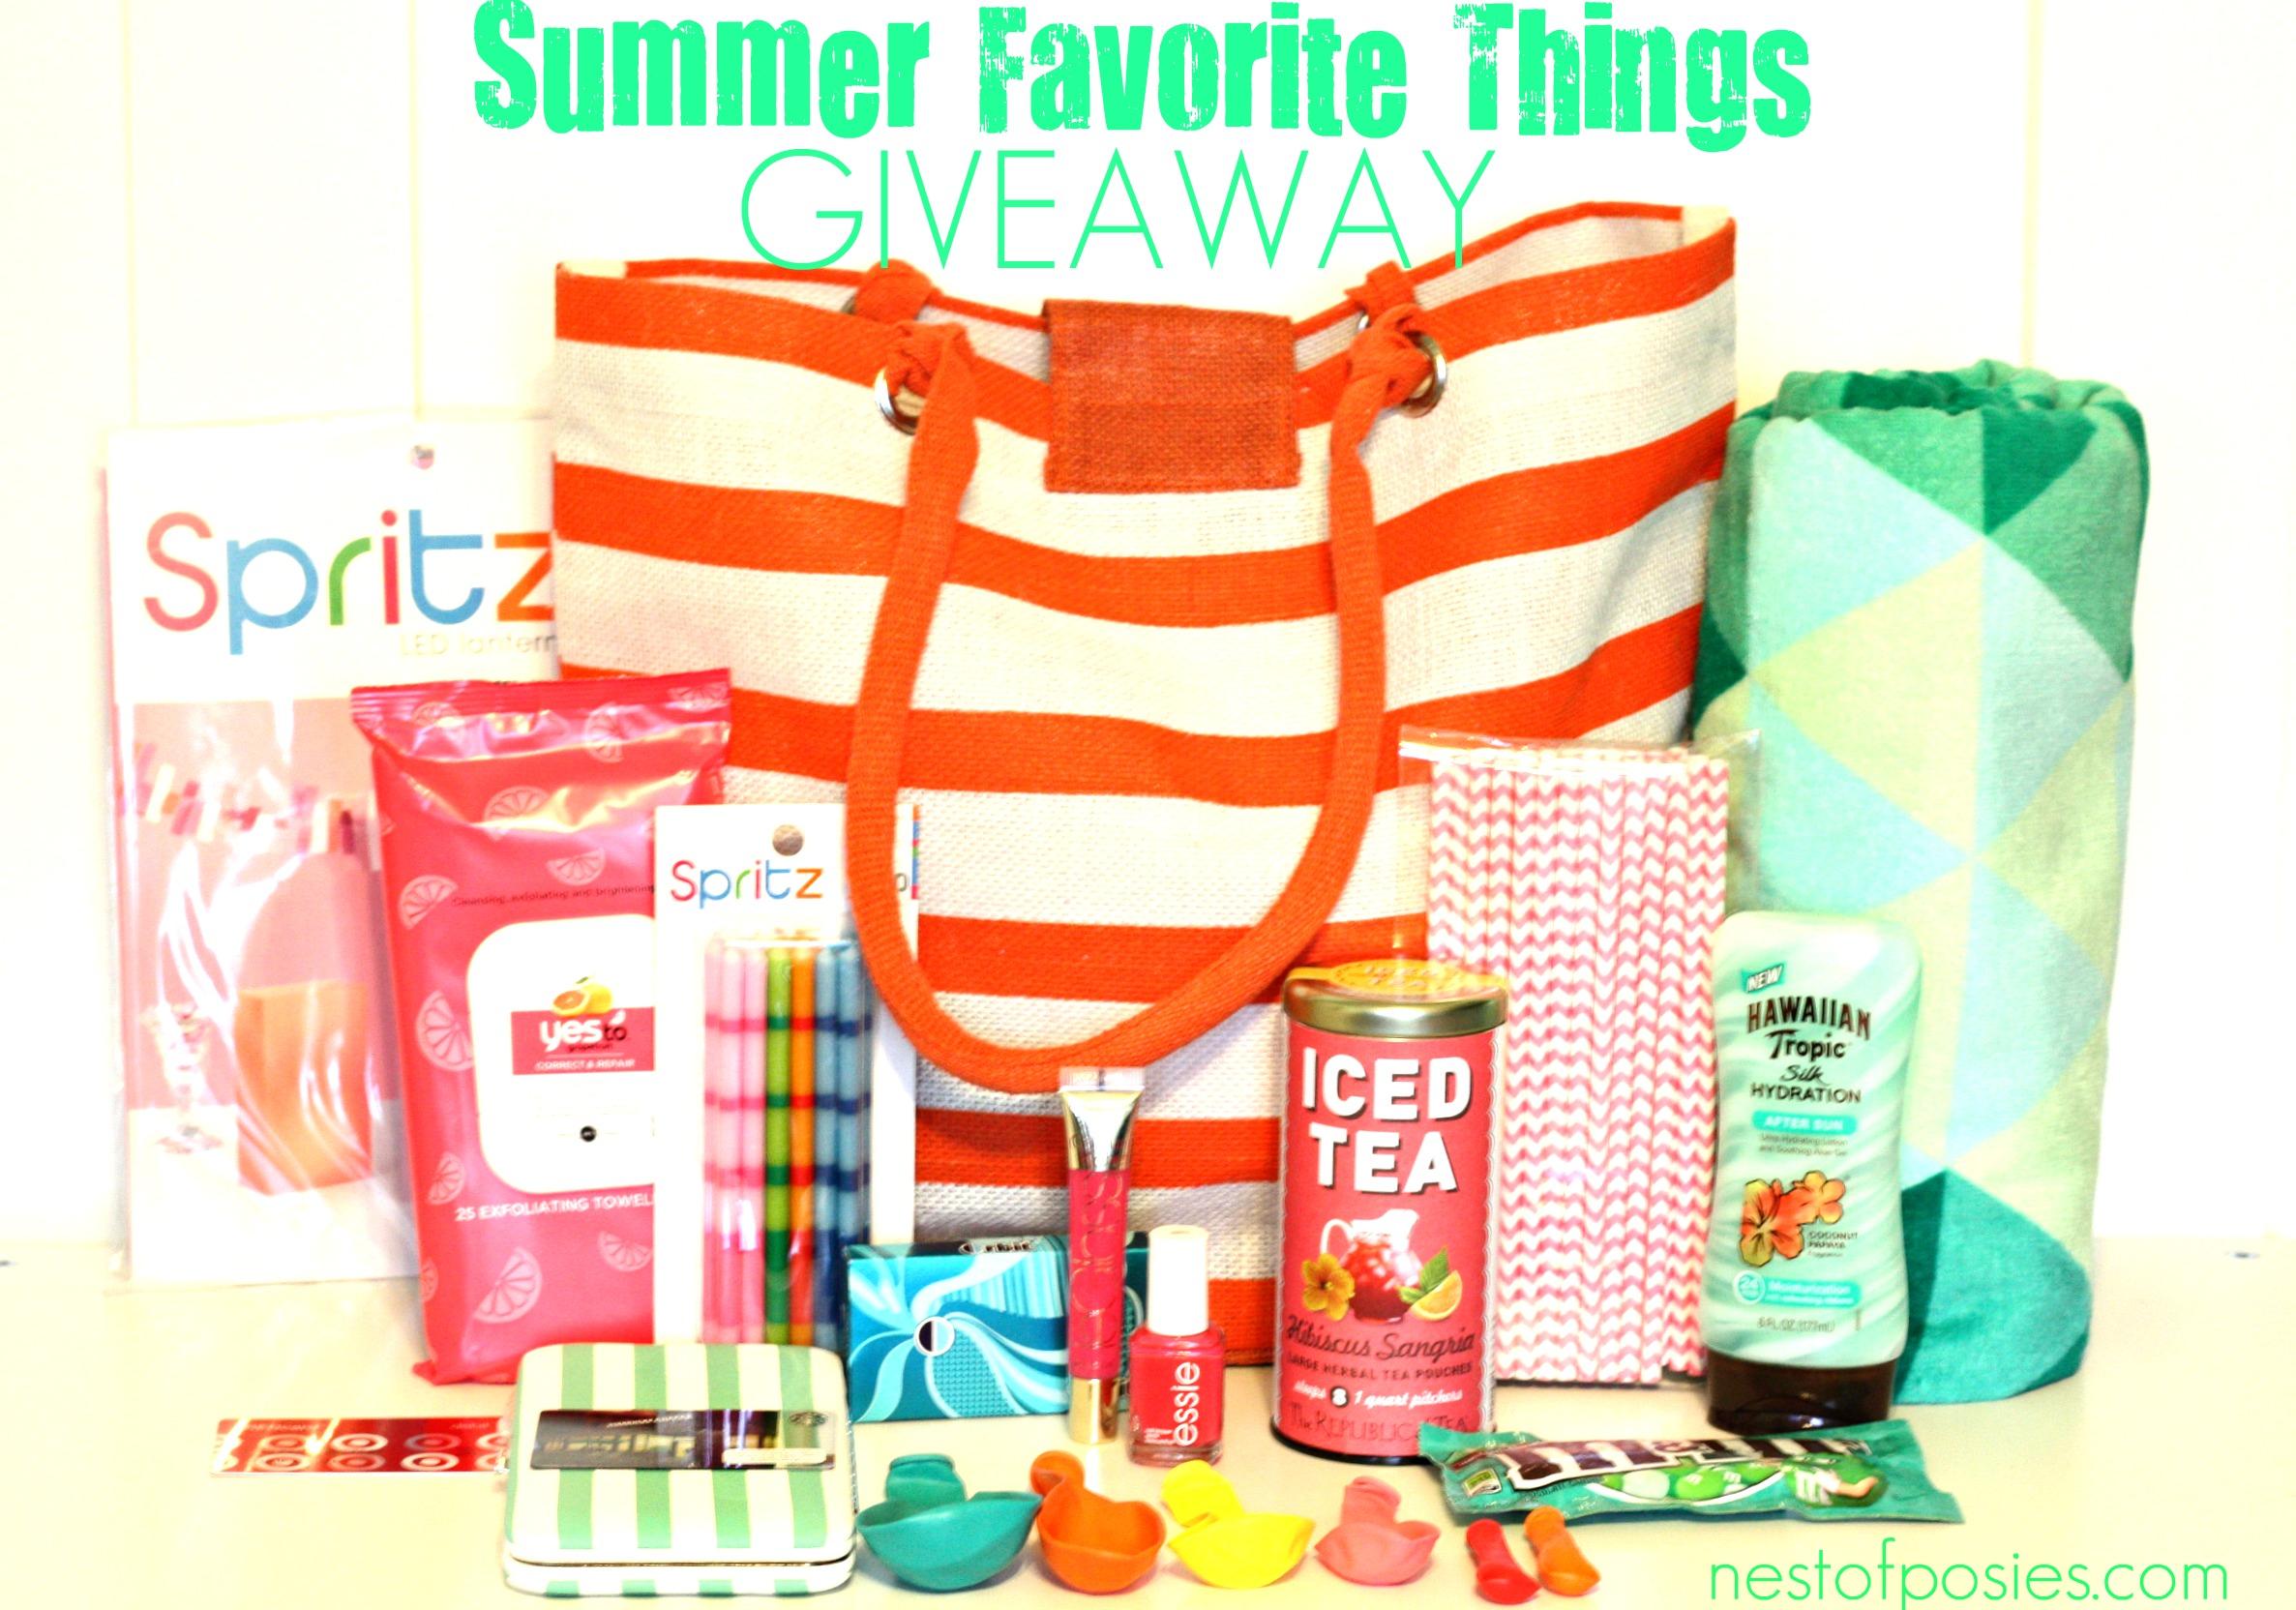 Summer Favorite Things Giveaway via Nest of Posies